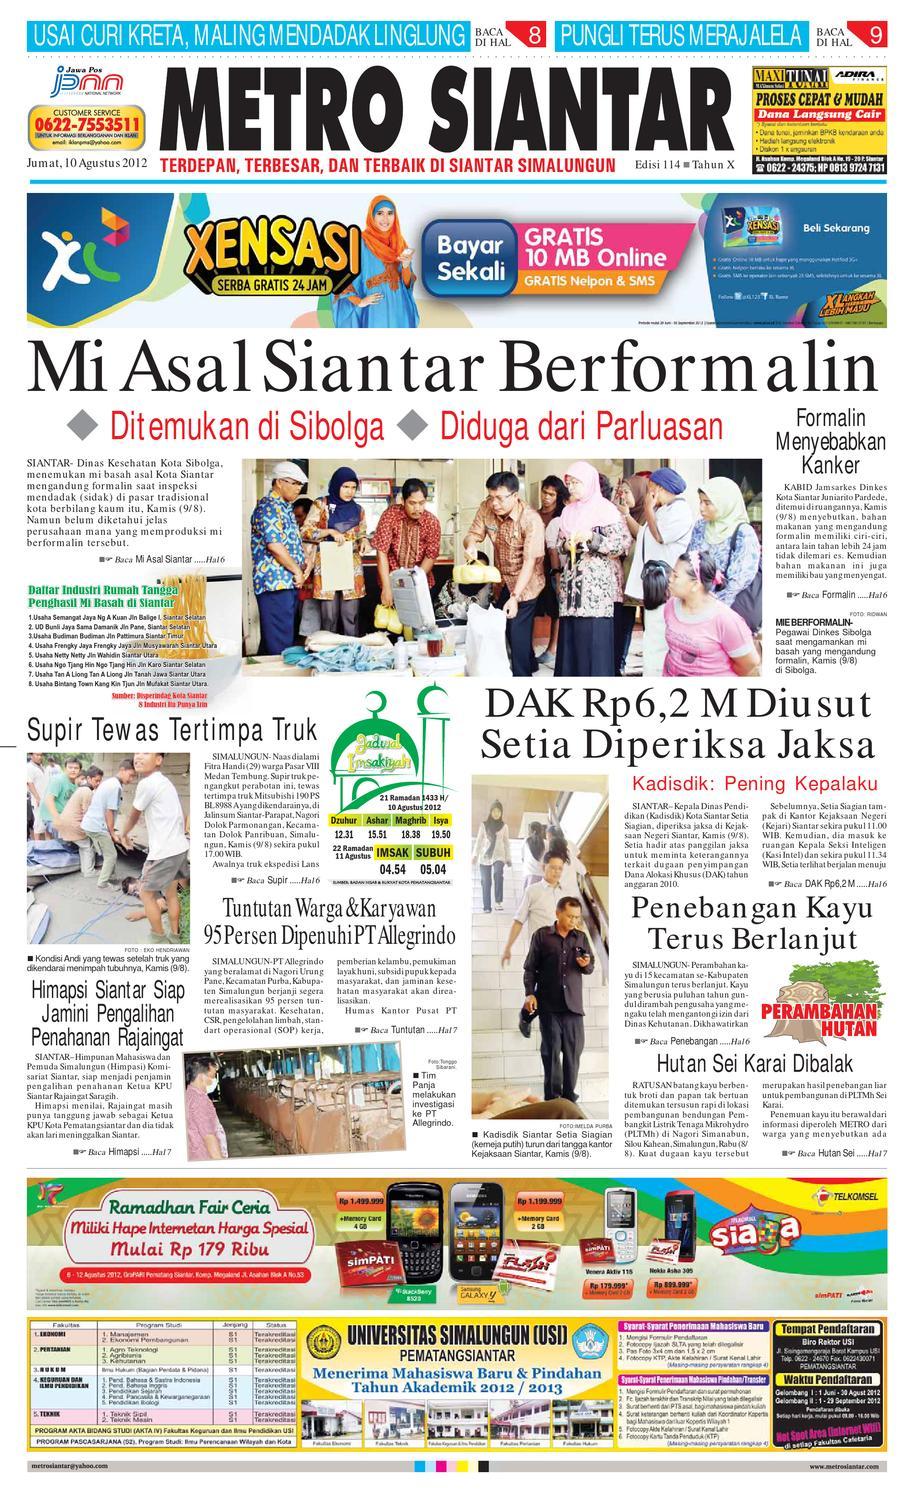 Epaper Metro Siantar By Issuu Produk Ukm Bumn Dress Gamis Batik Motif Ayam Bekisar